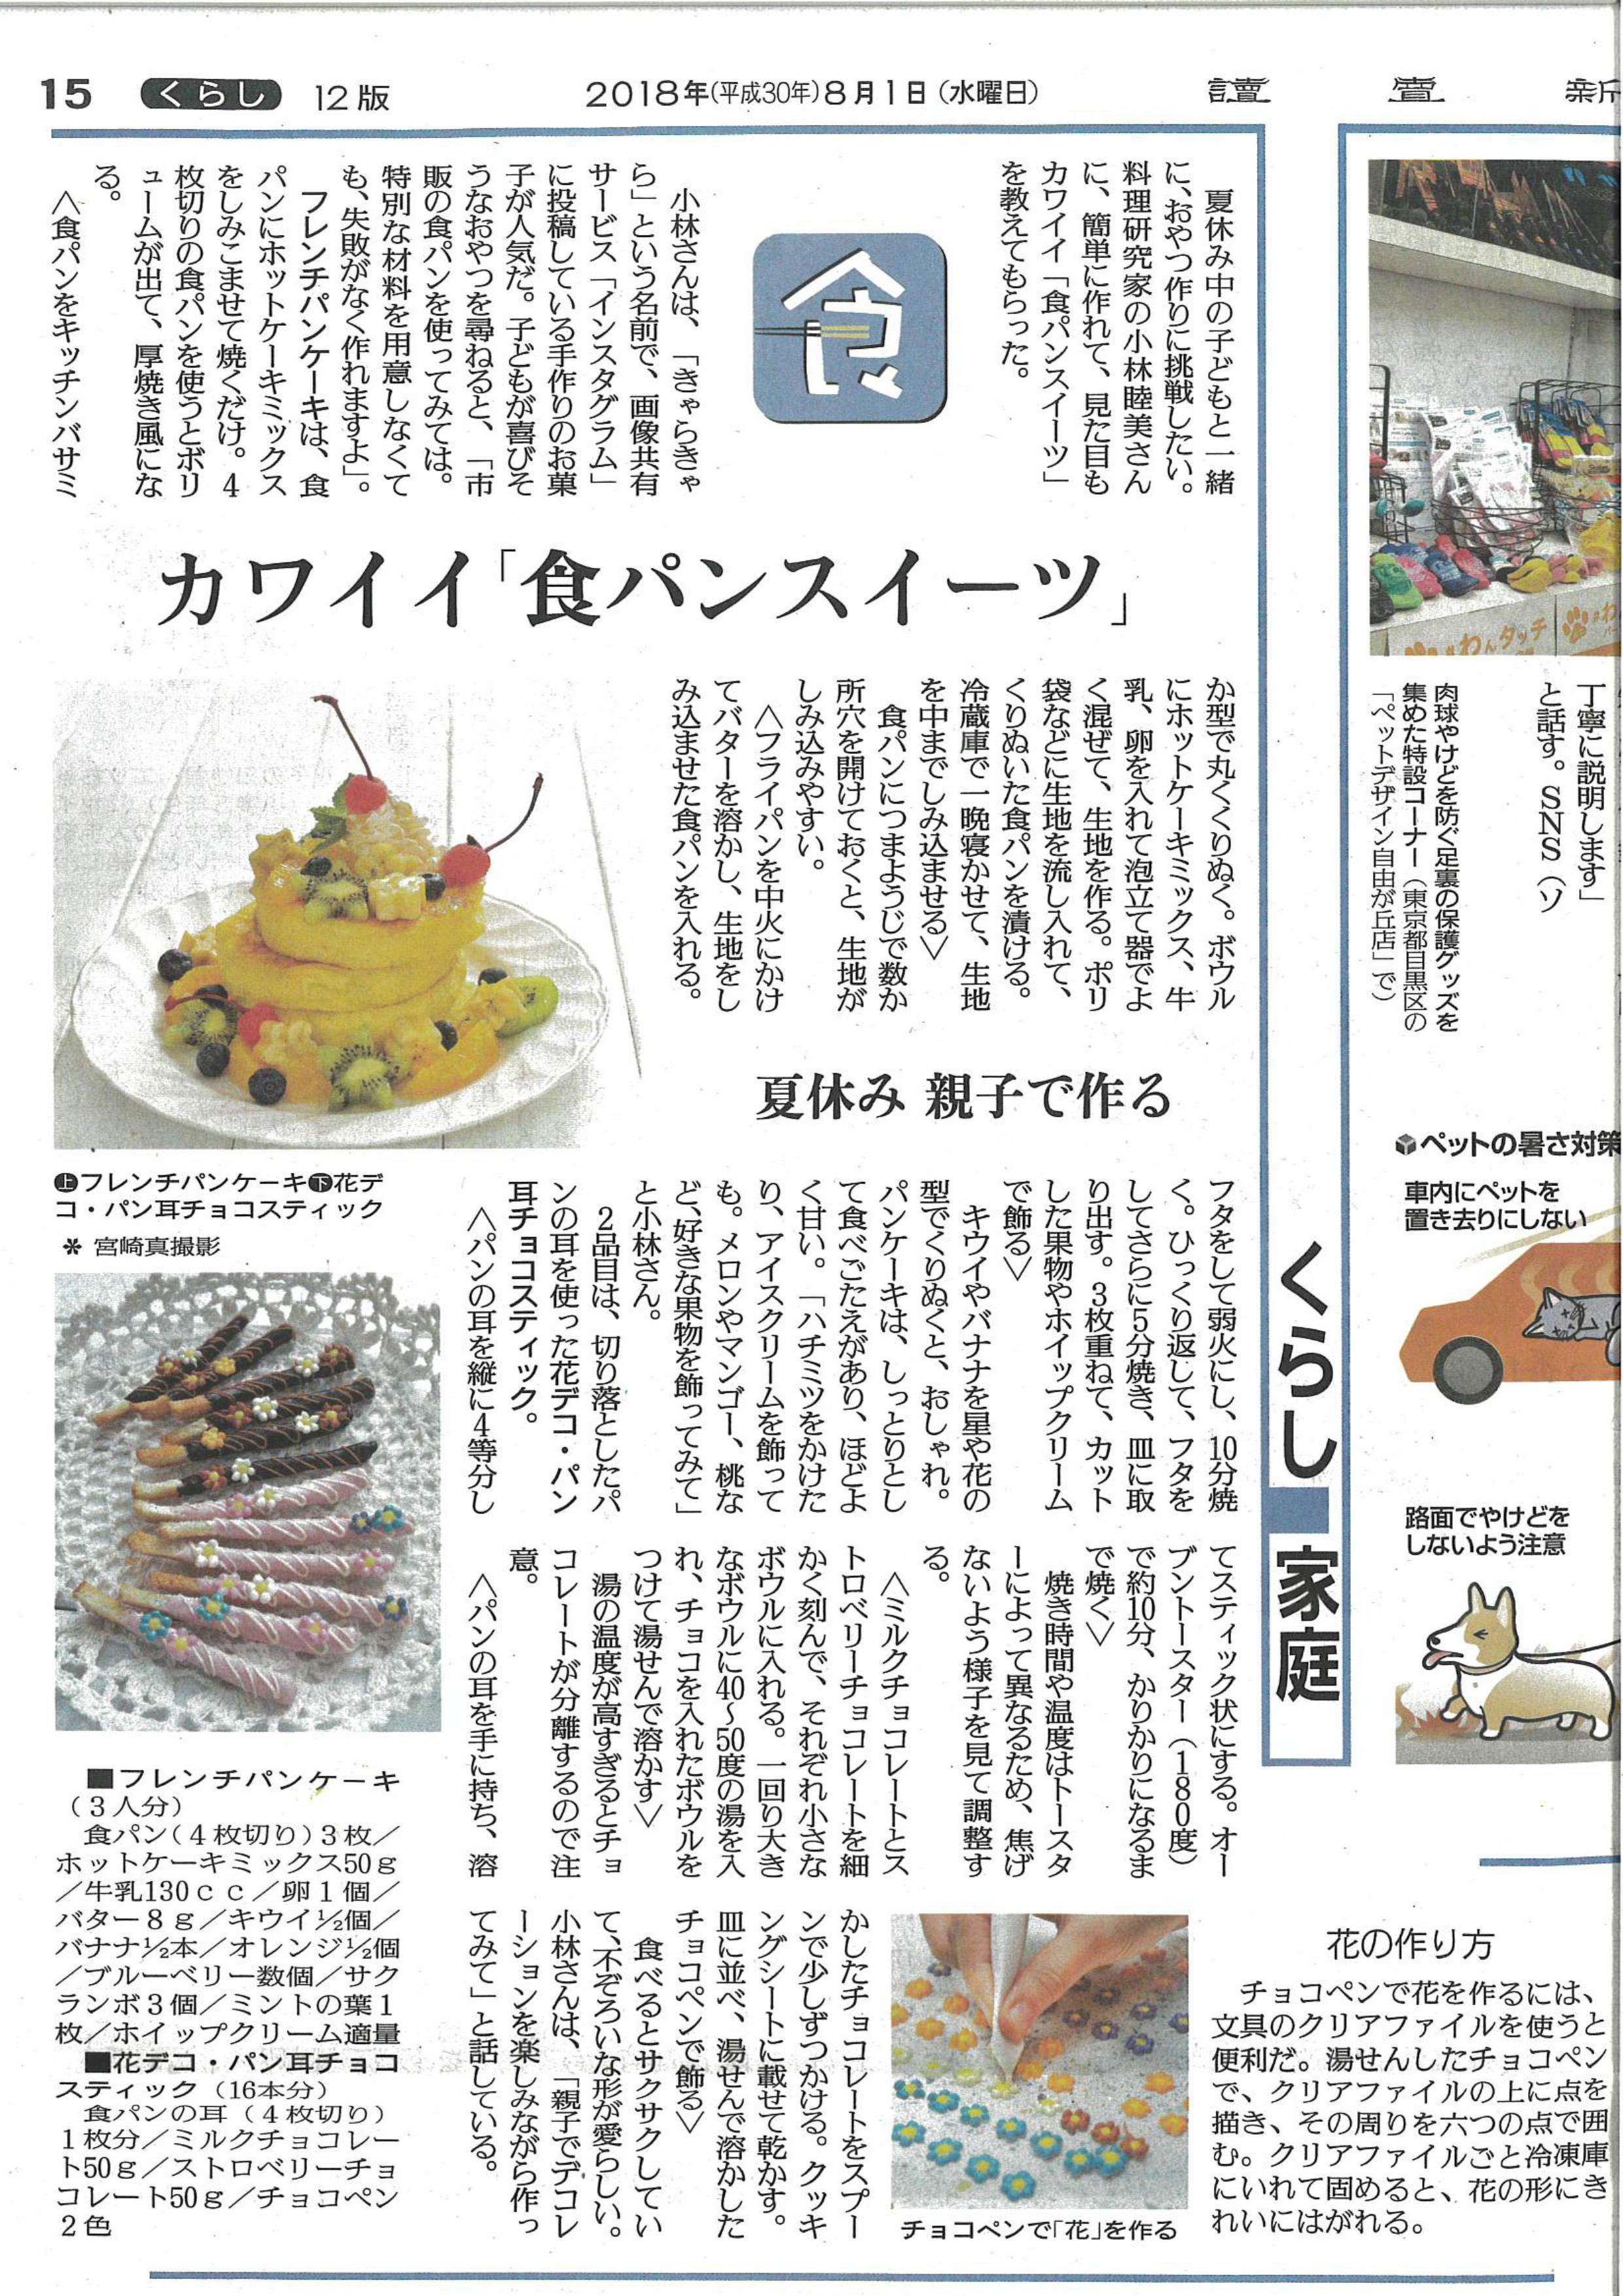 きゃらきゃら(小林睦美):読売新聞(2018年8月1日水曜日)くらし 家庭のコーナーに掲載されました!